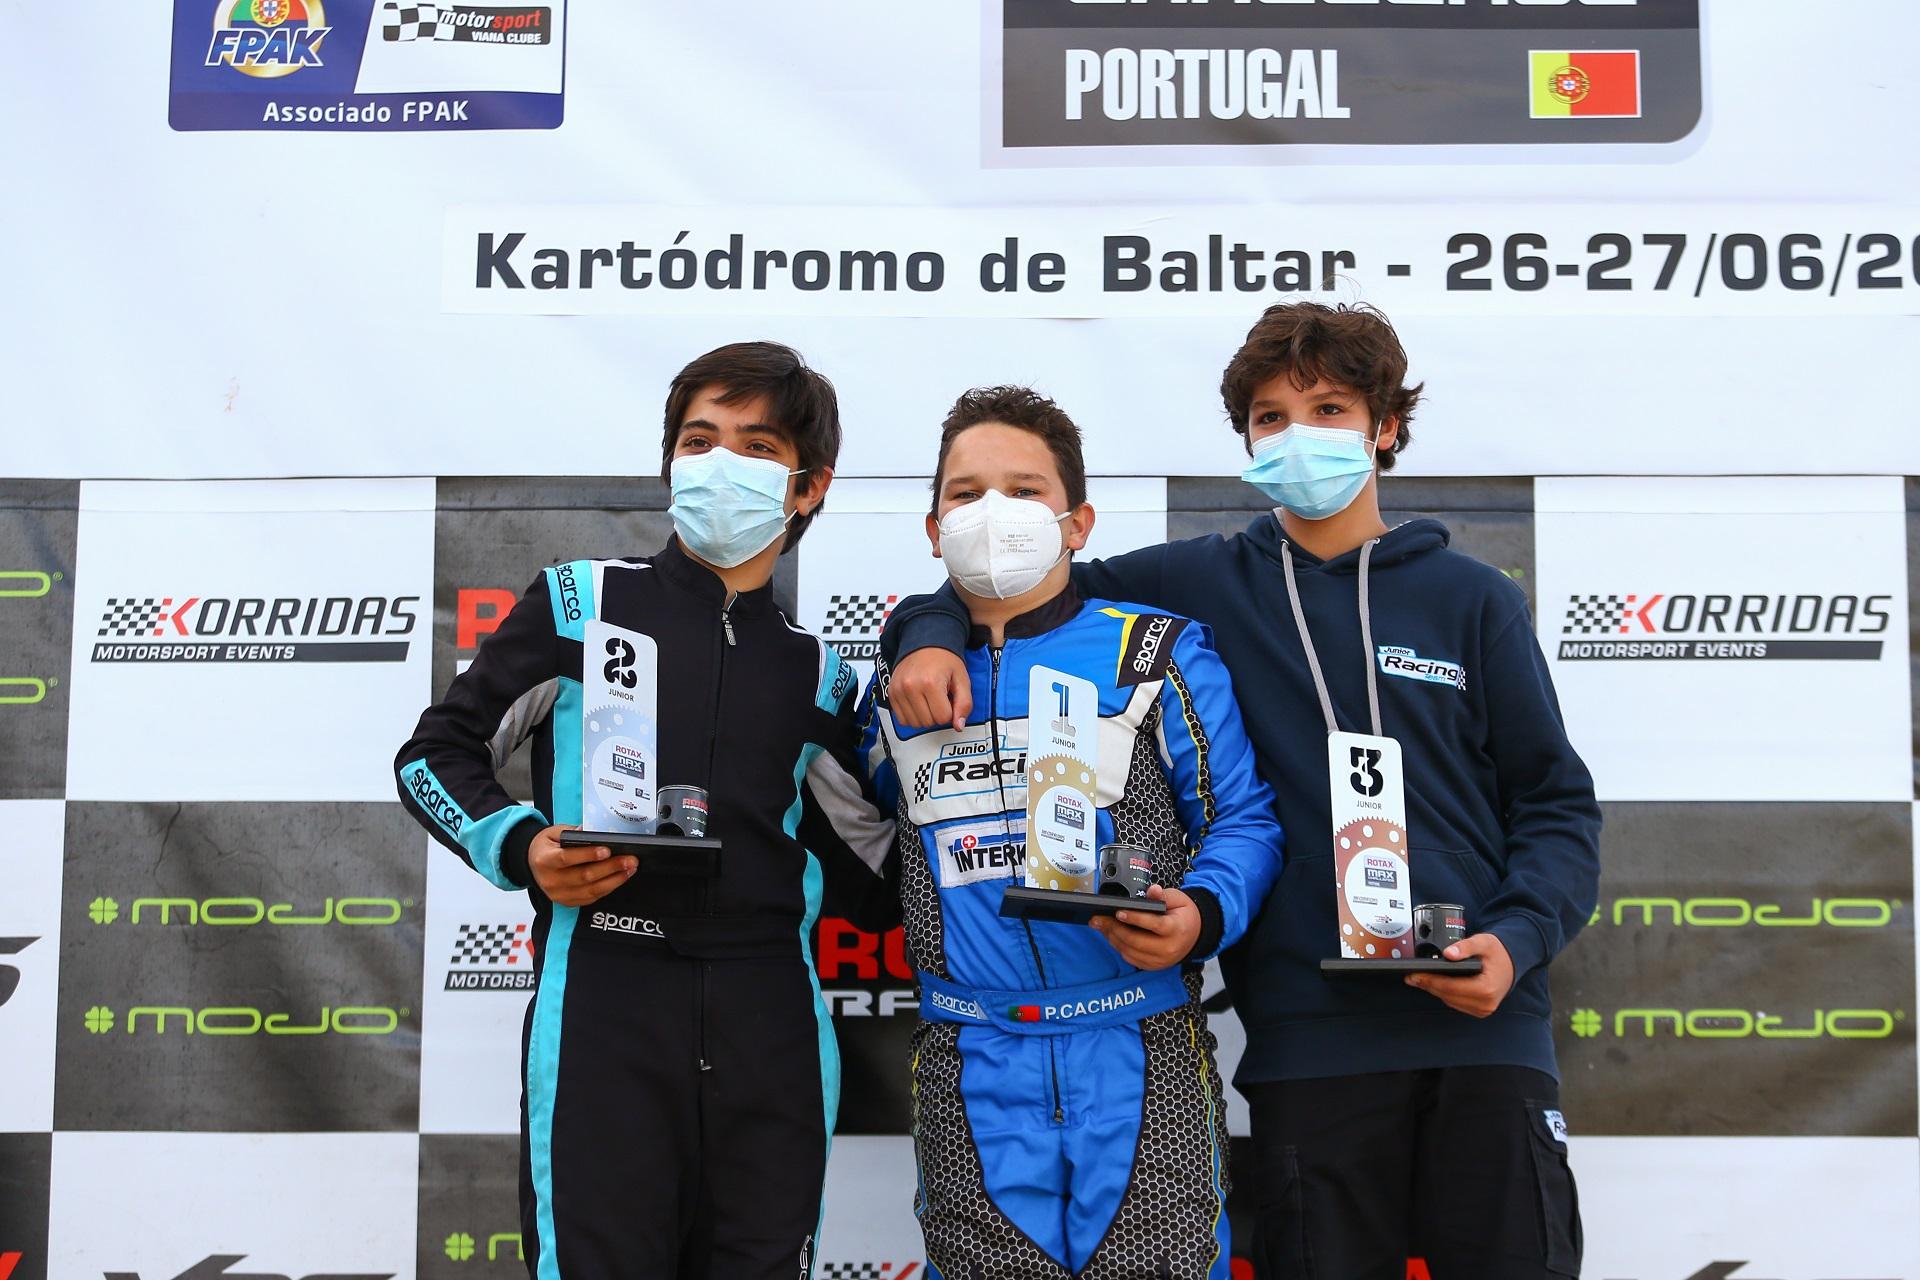 Pedro Cachada reforça liderança na categoria Júnior do Troféu Rotax em Baltar